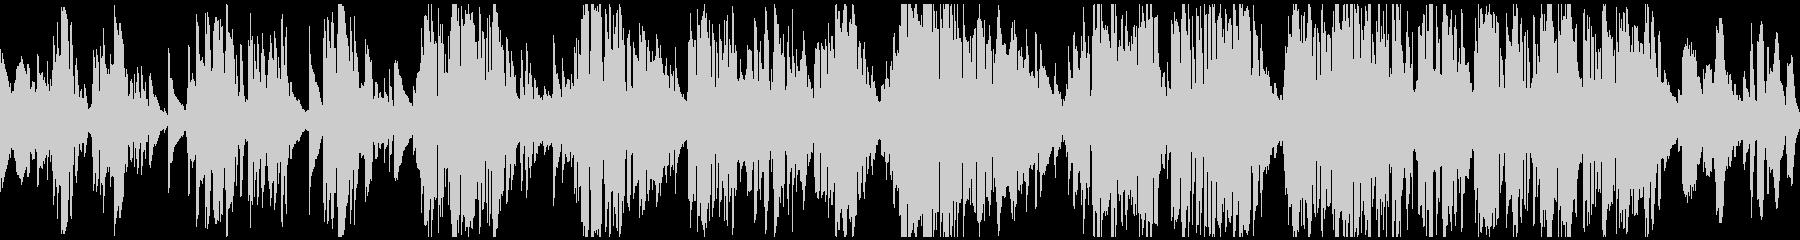 紳士的でダンディな低音バラード※ループ版の未再生の波形